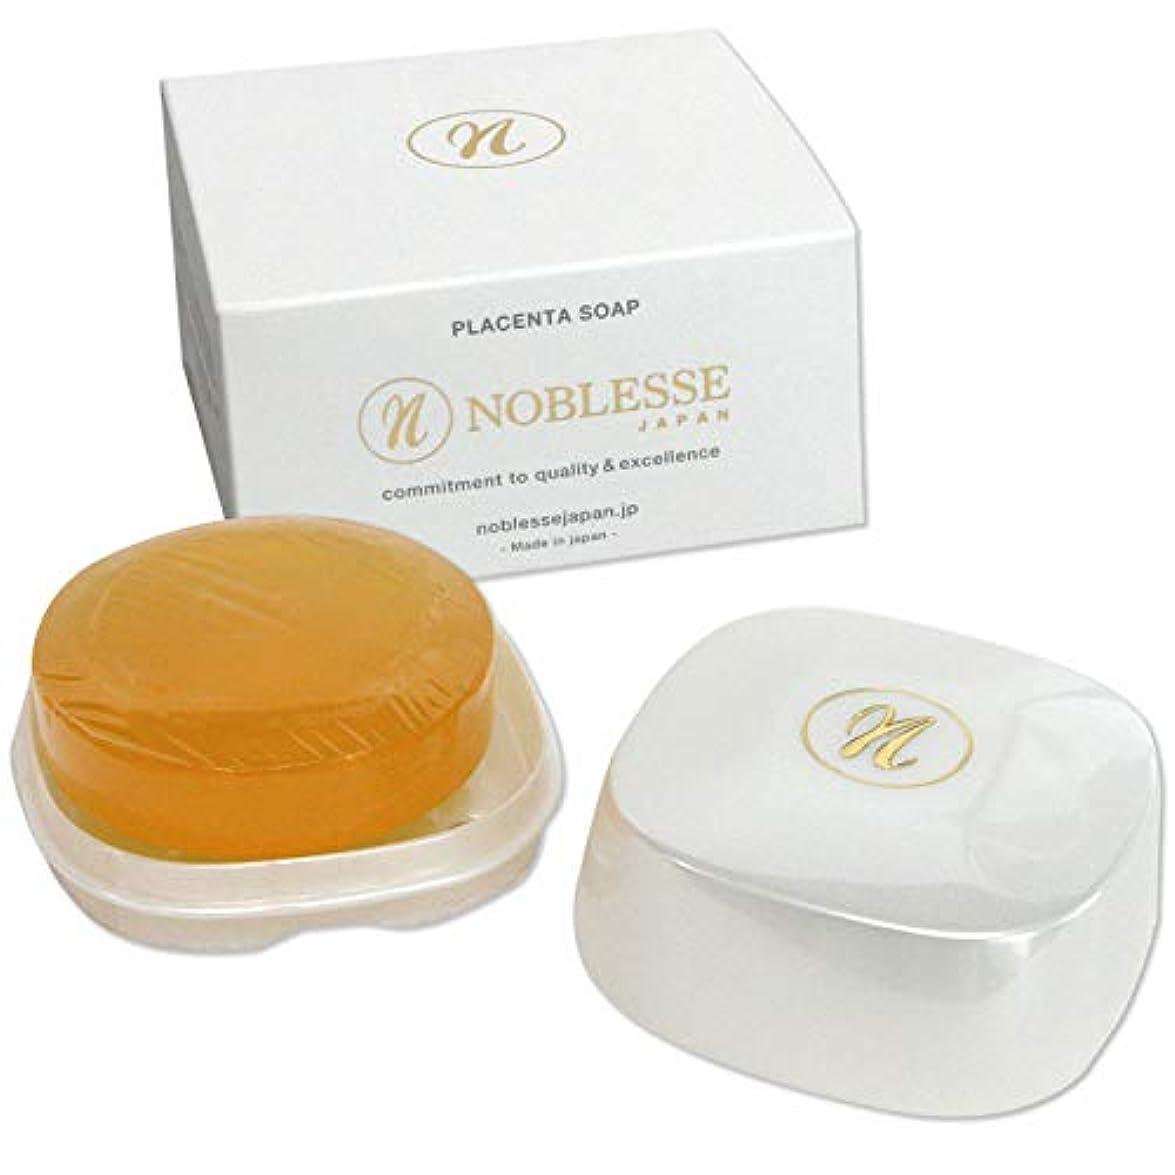 アプローチ仮定するバルクノーブレス ジャパンプラセンタ 洗顔ソープ 90g バージンプラセンタ洗顔 石けん